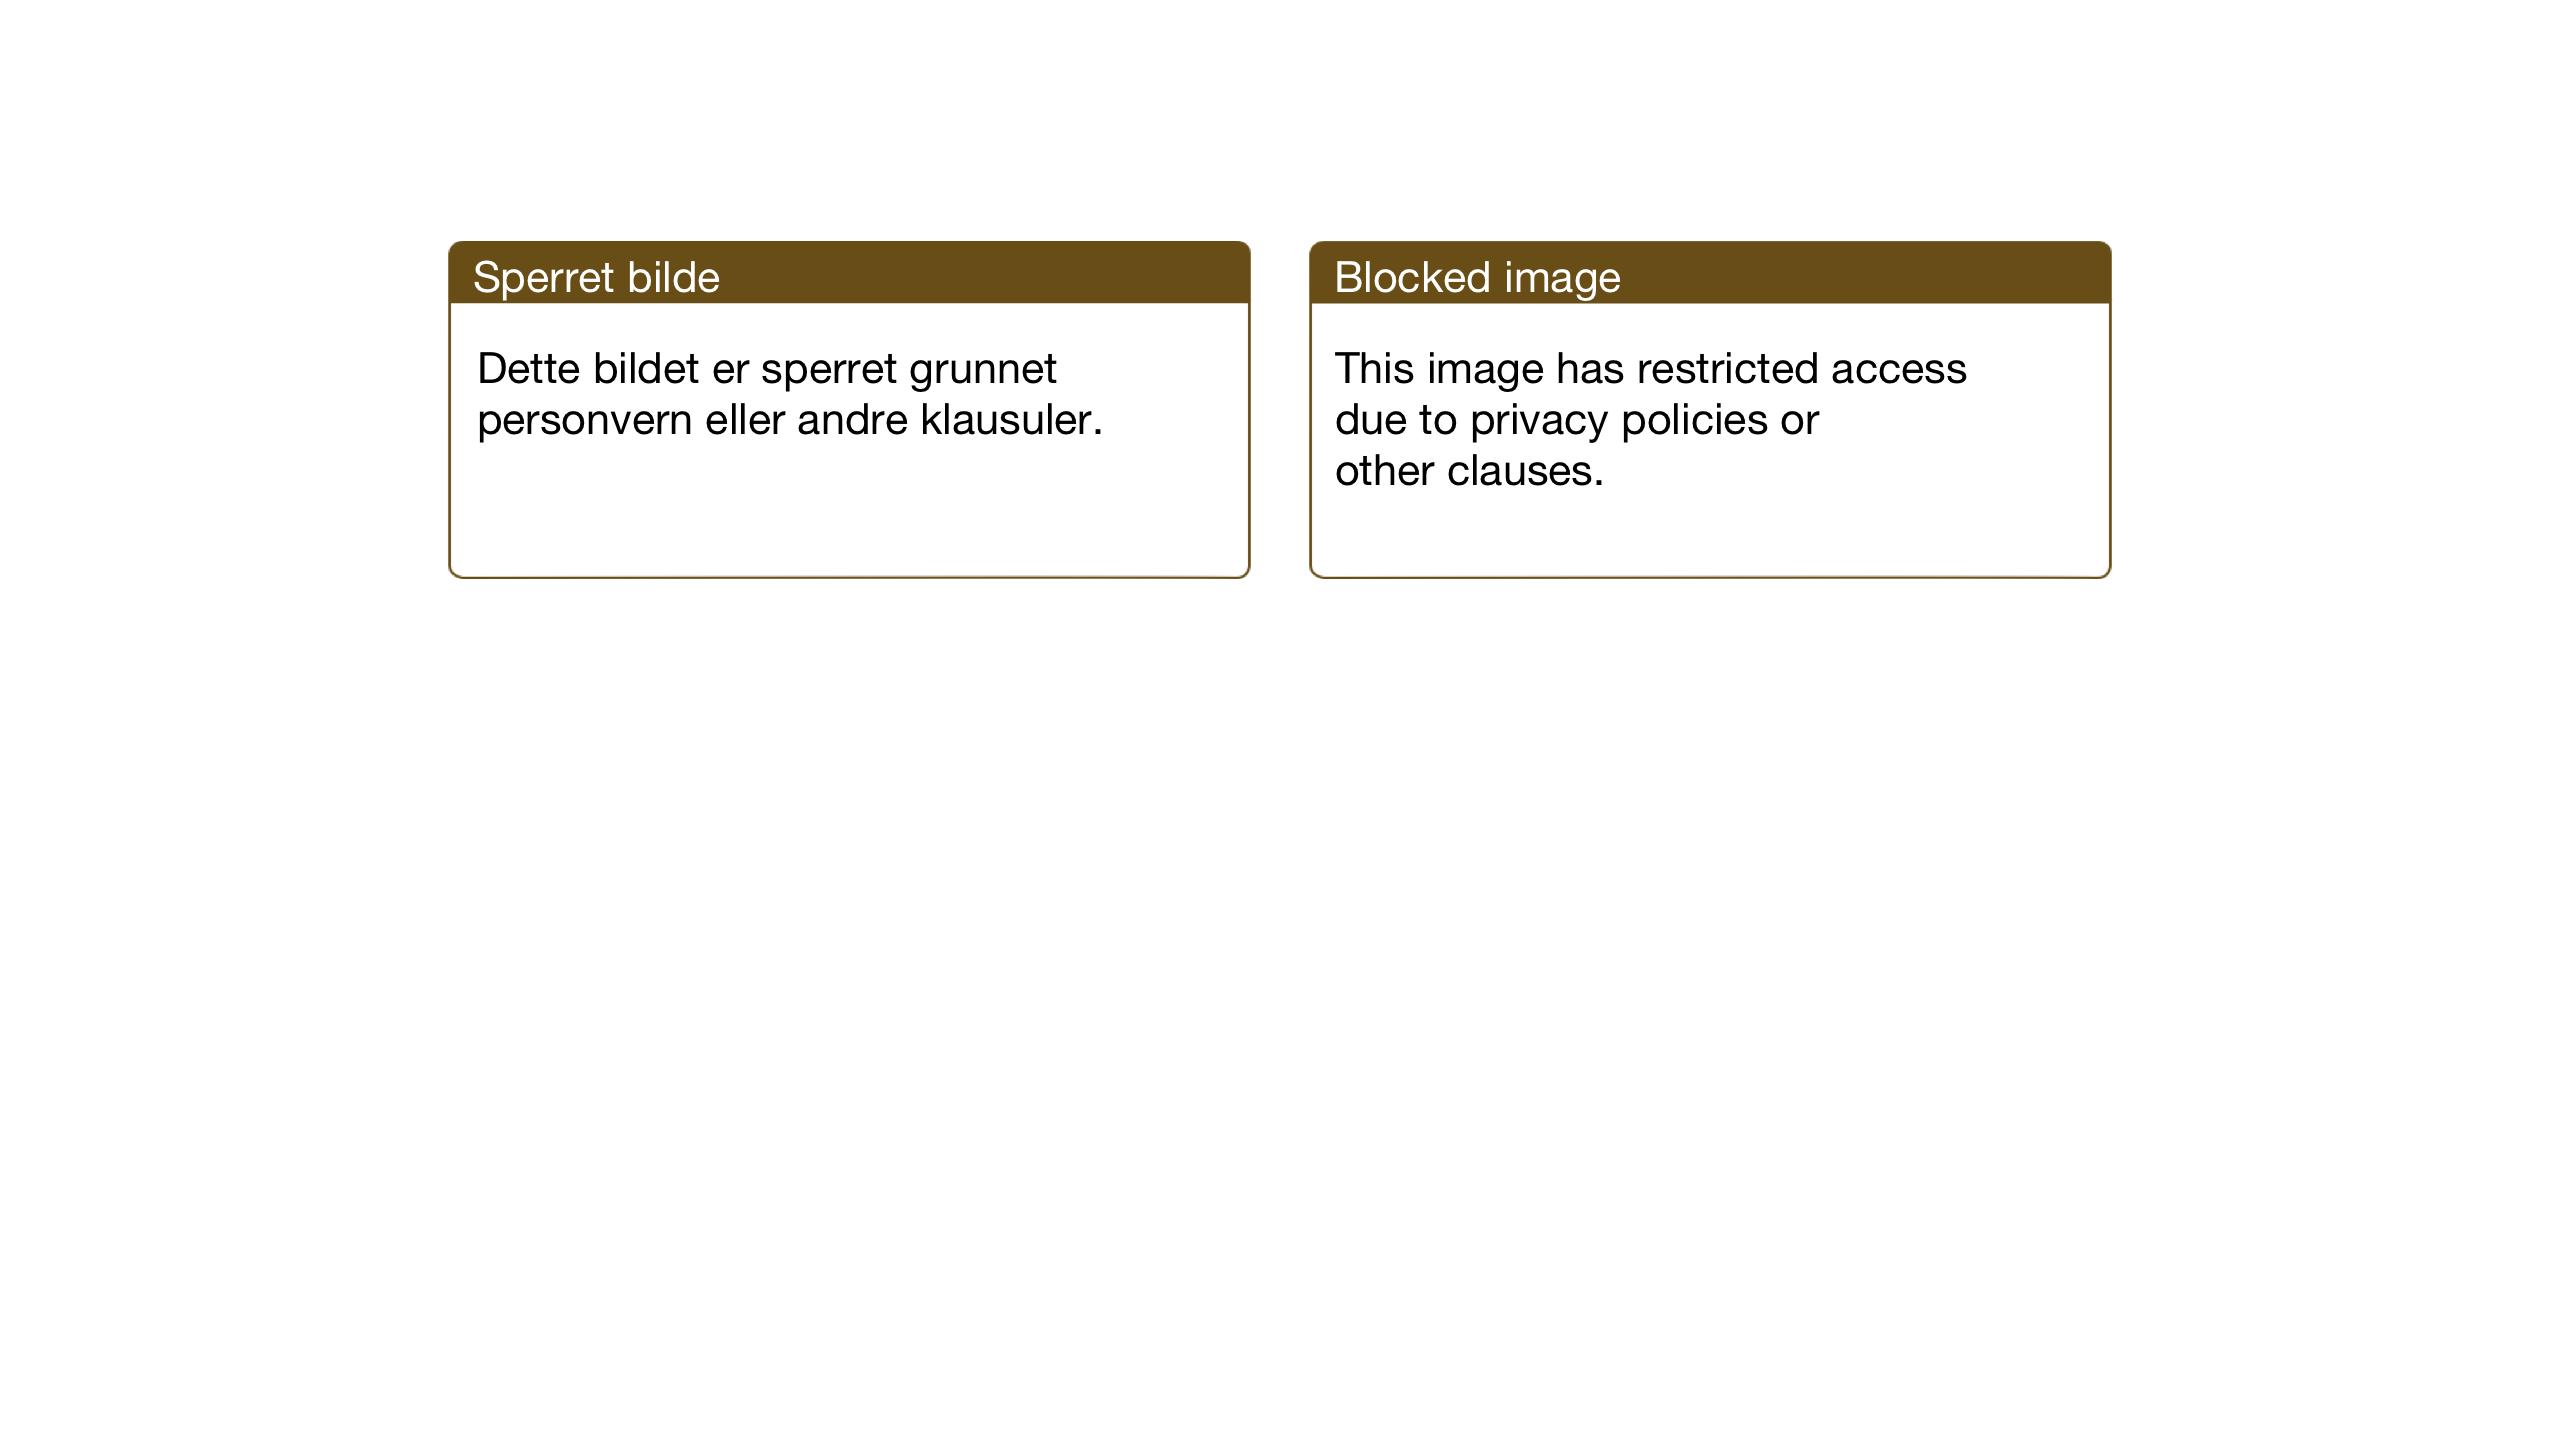 SAT, Ministerialprotokoller, klokkerbøker og fødselsregistre - Nord-Trøndelag, 757/L0507: Klokkerbok nr. 757C02, 1923-1939, s. 26